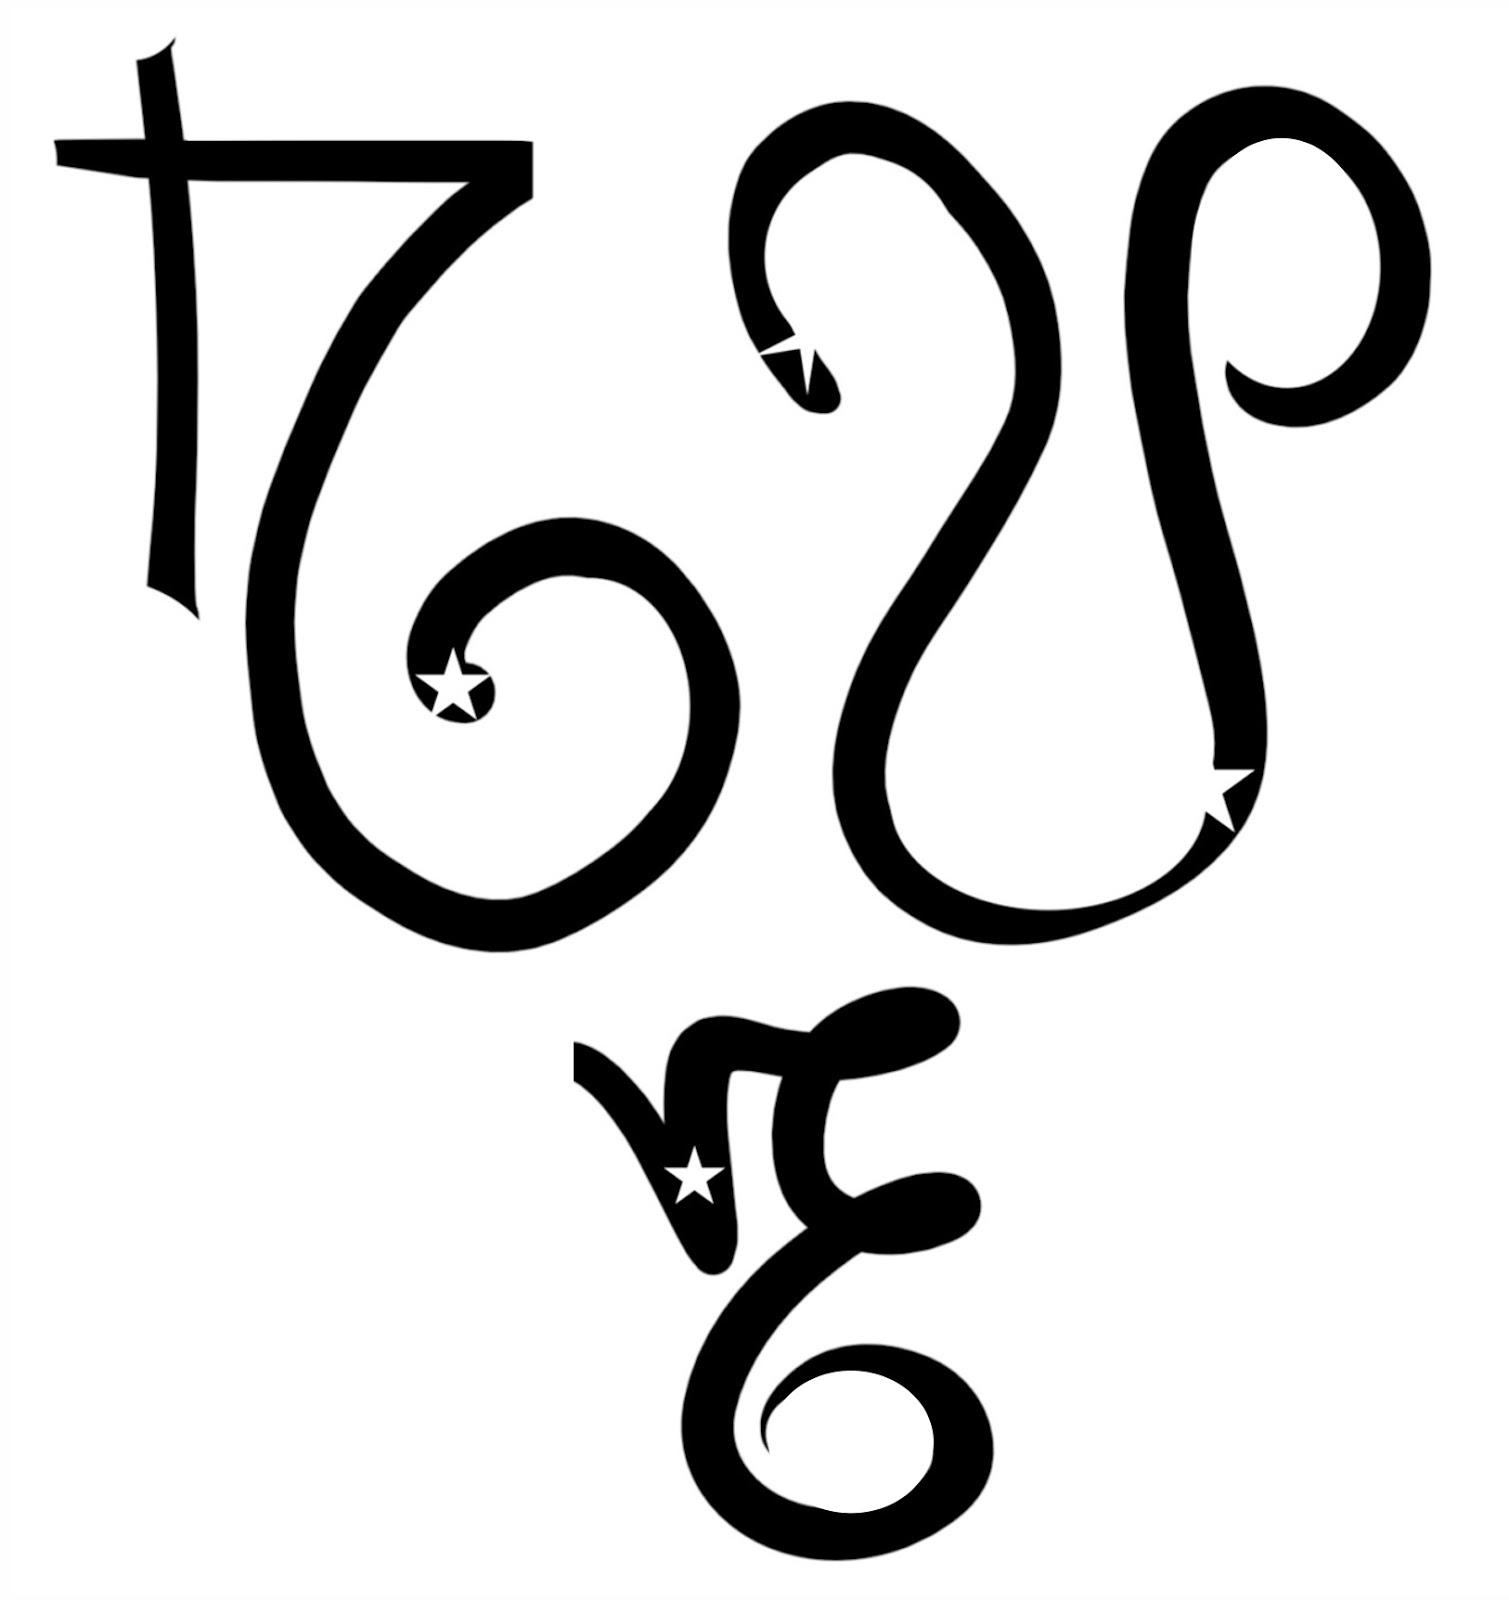 hindoue astrologie match rendant libre en ligne datant 37 Grad